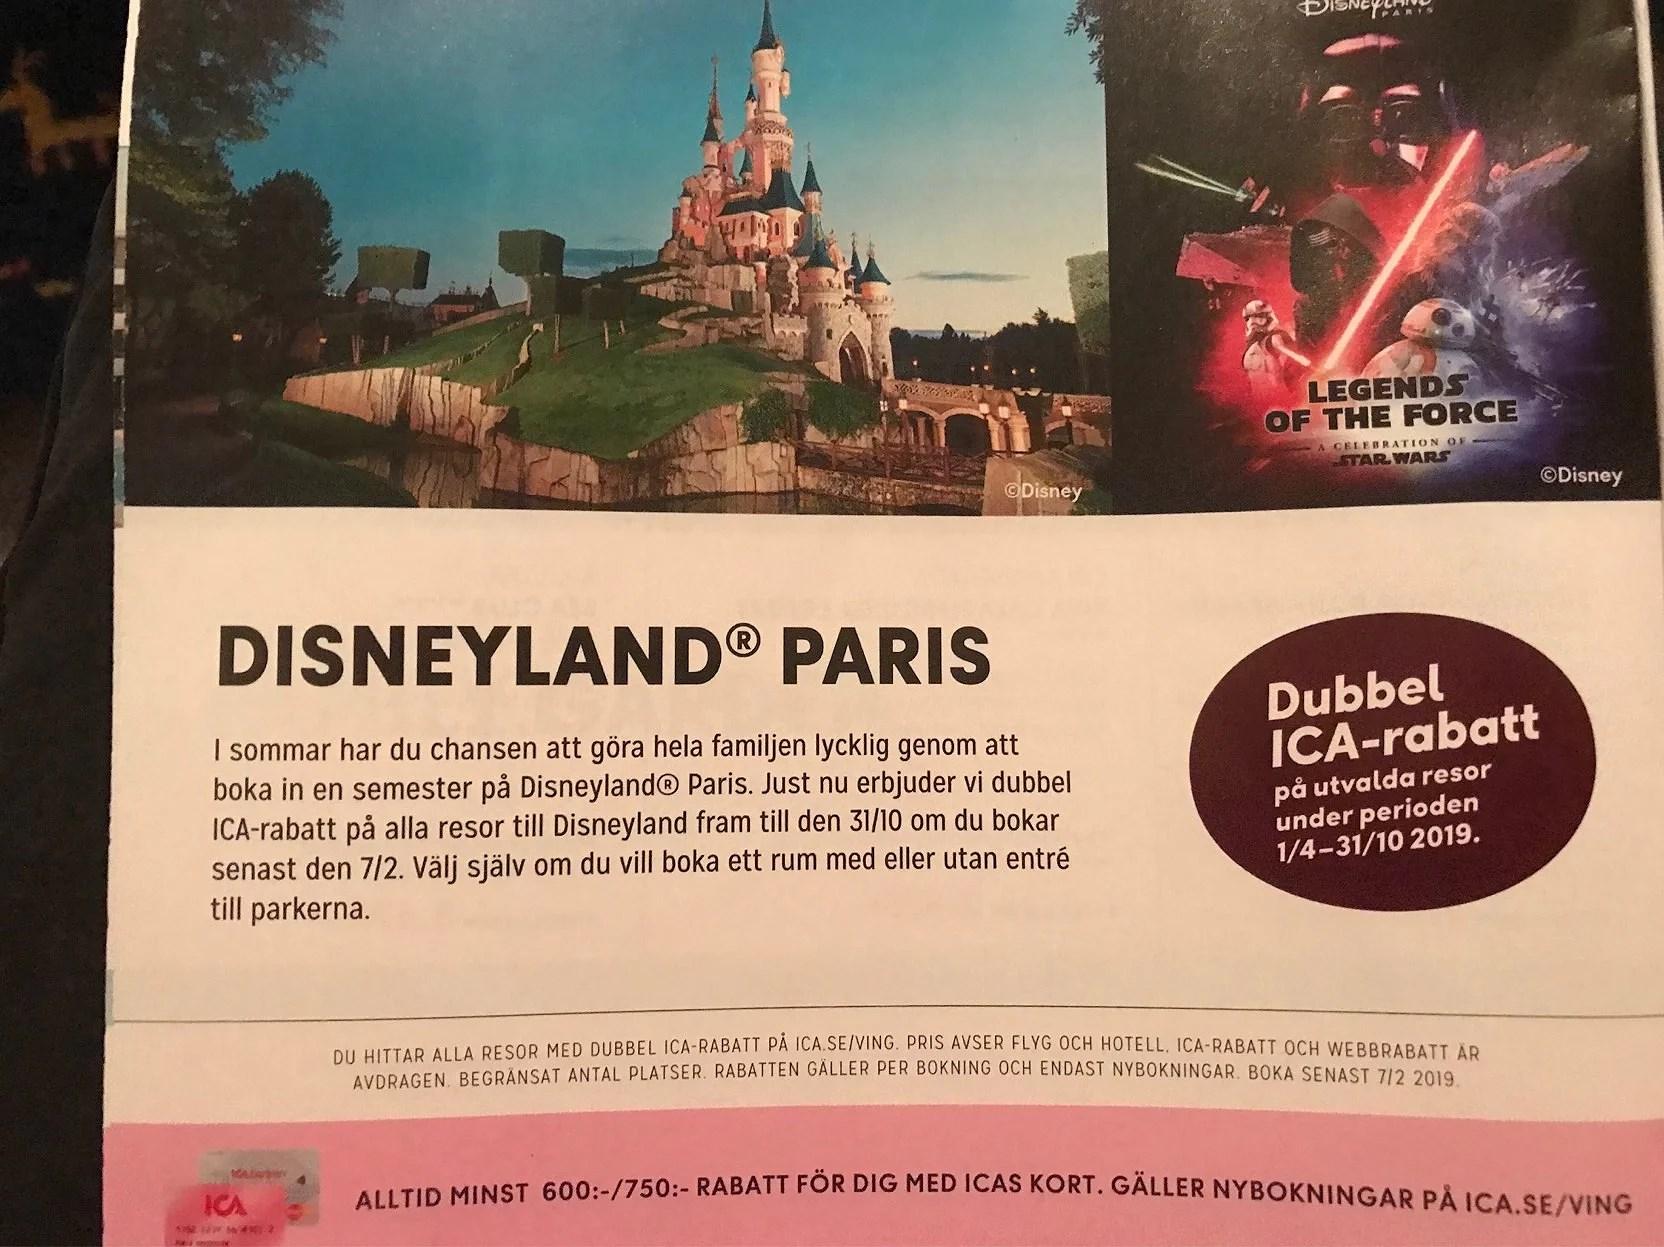 Dubbel Ica-rabatt när du bokar resa till Disneyland Paris